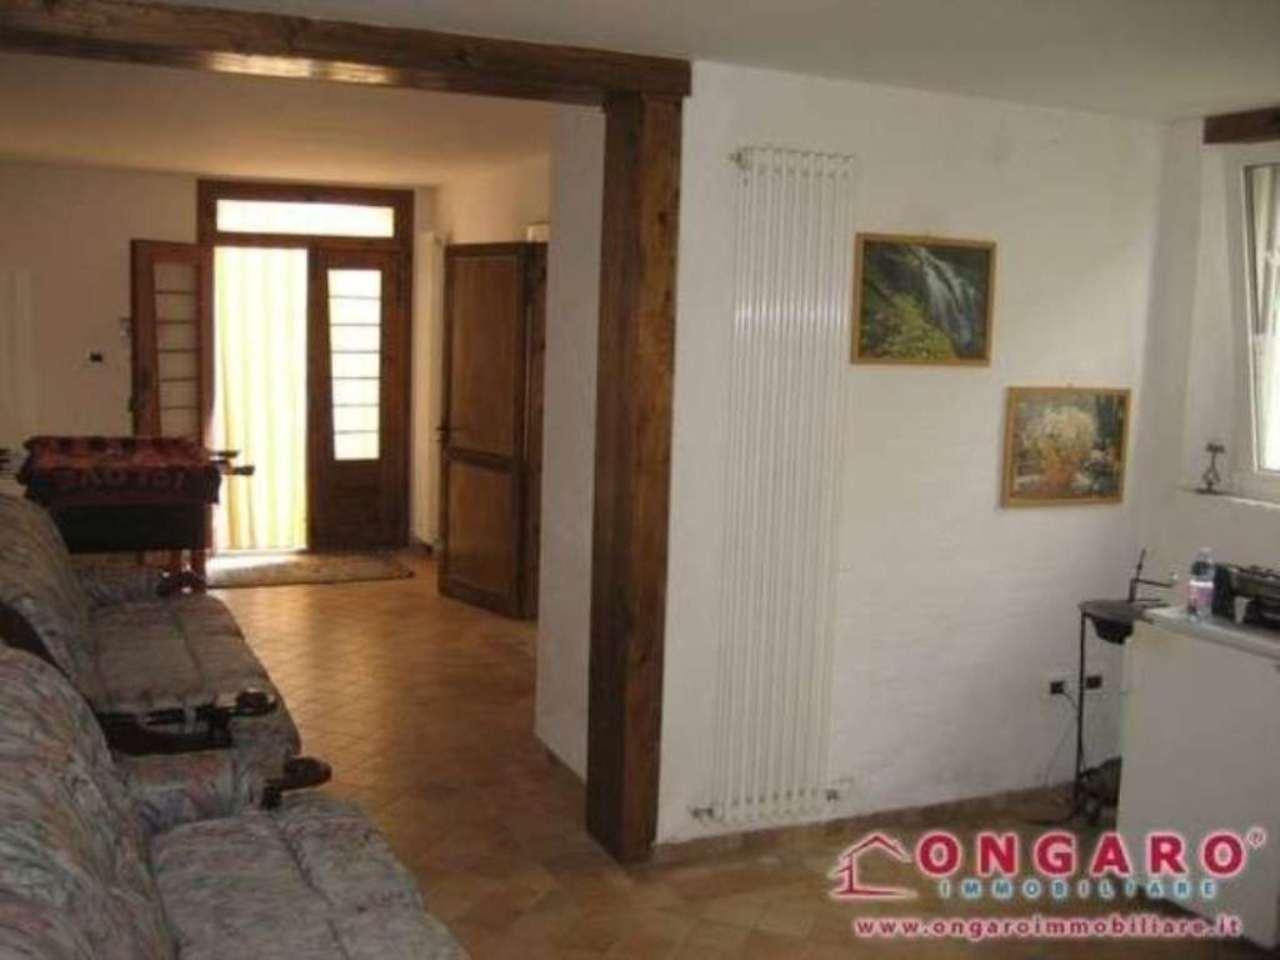 Soluzione Indipendente in vendita a Copparo, 6 locali, prezzo € 85.000   Cambio Casa.it